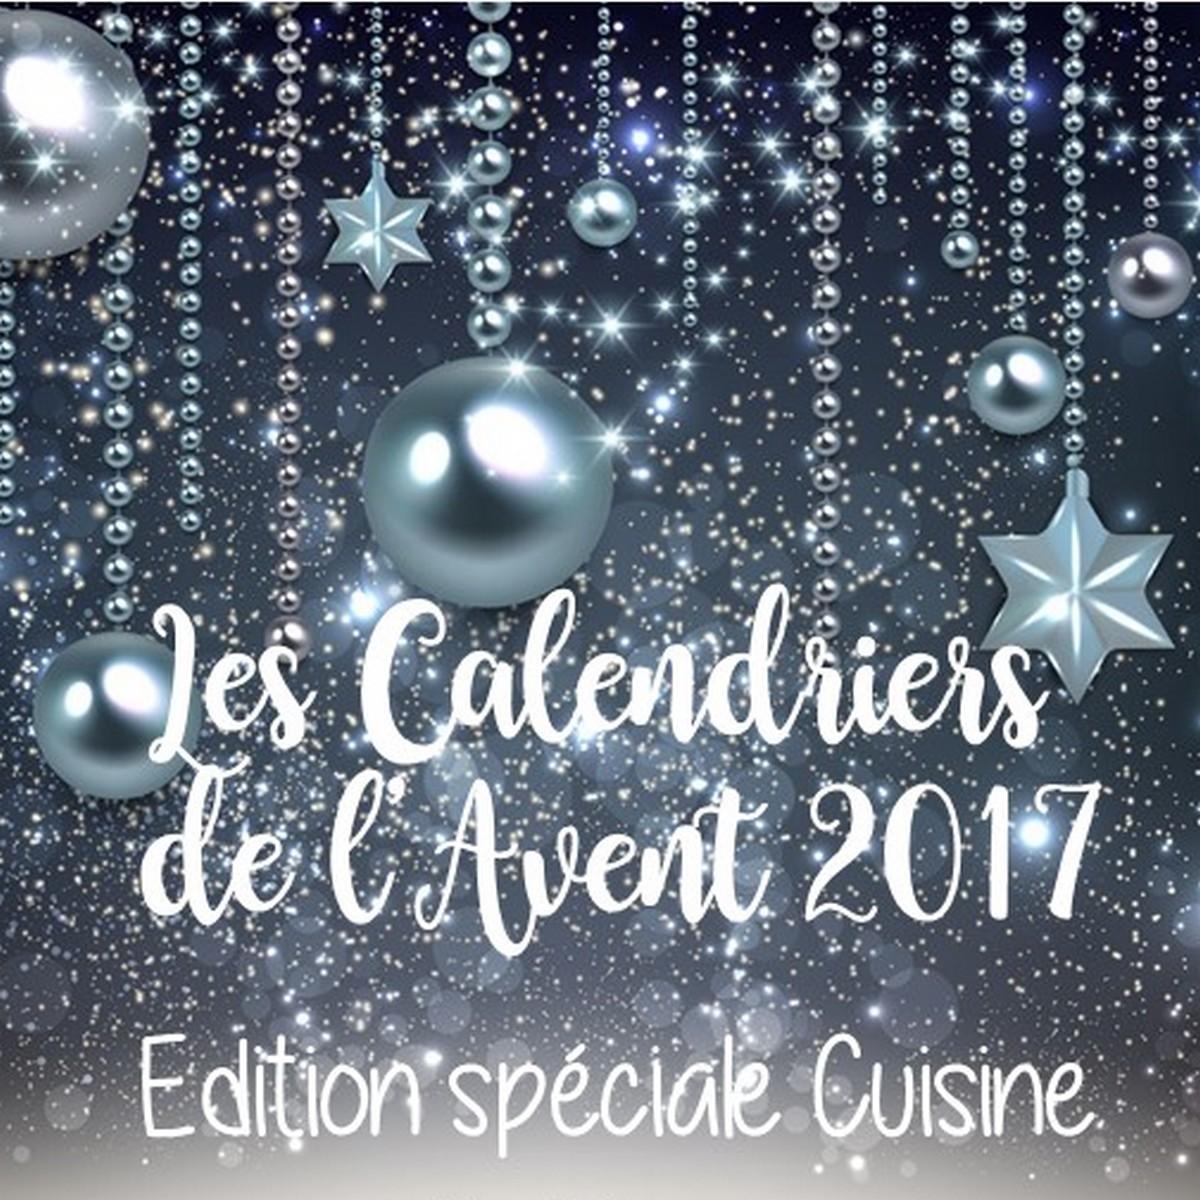 Les calendriers de l'Avent 2017, spécial Food